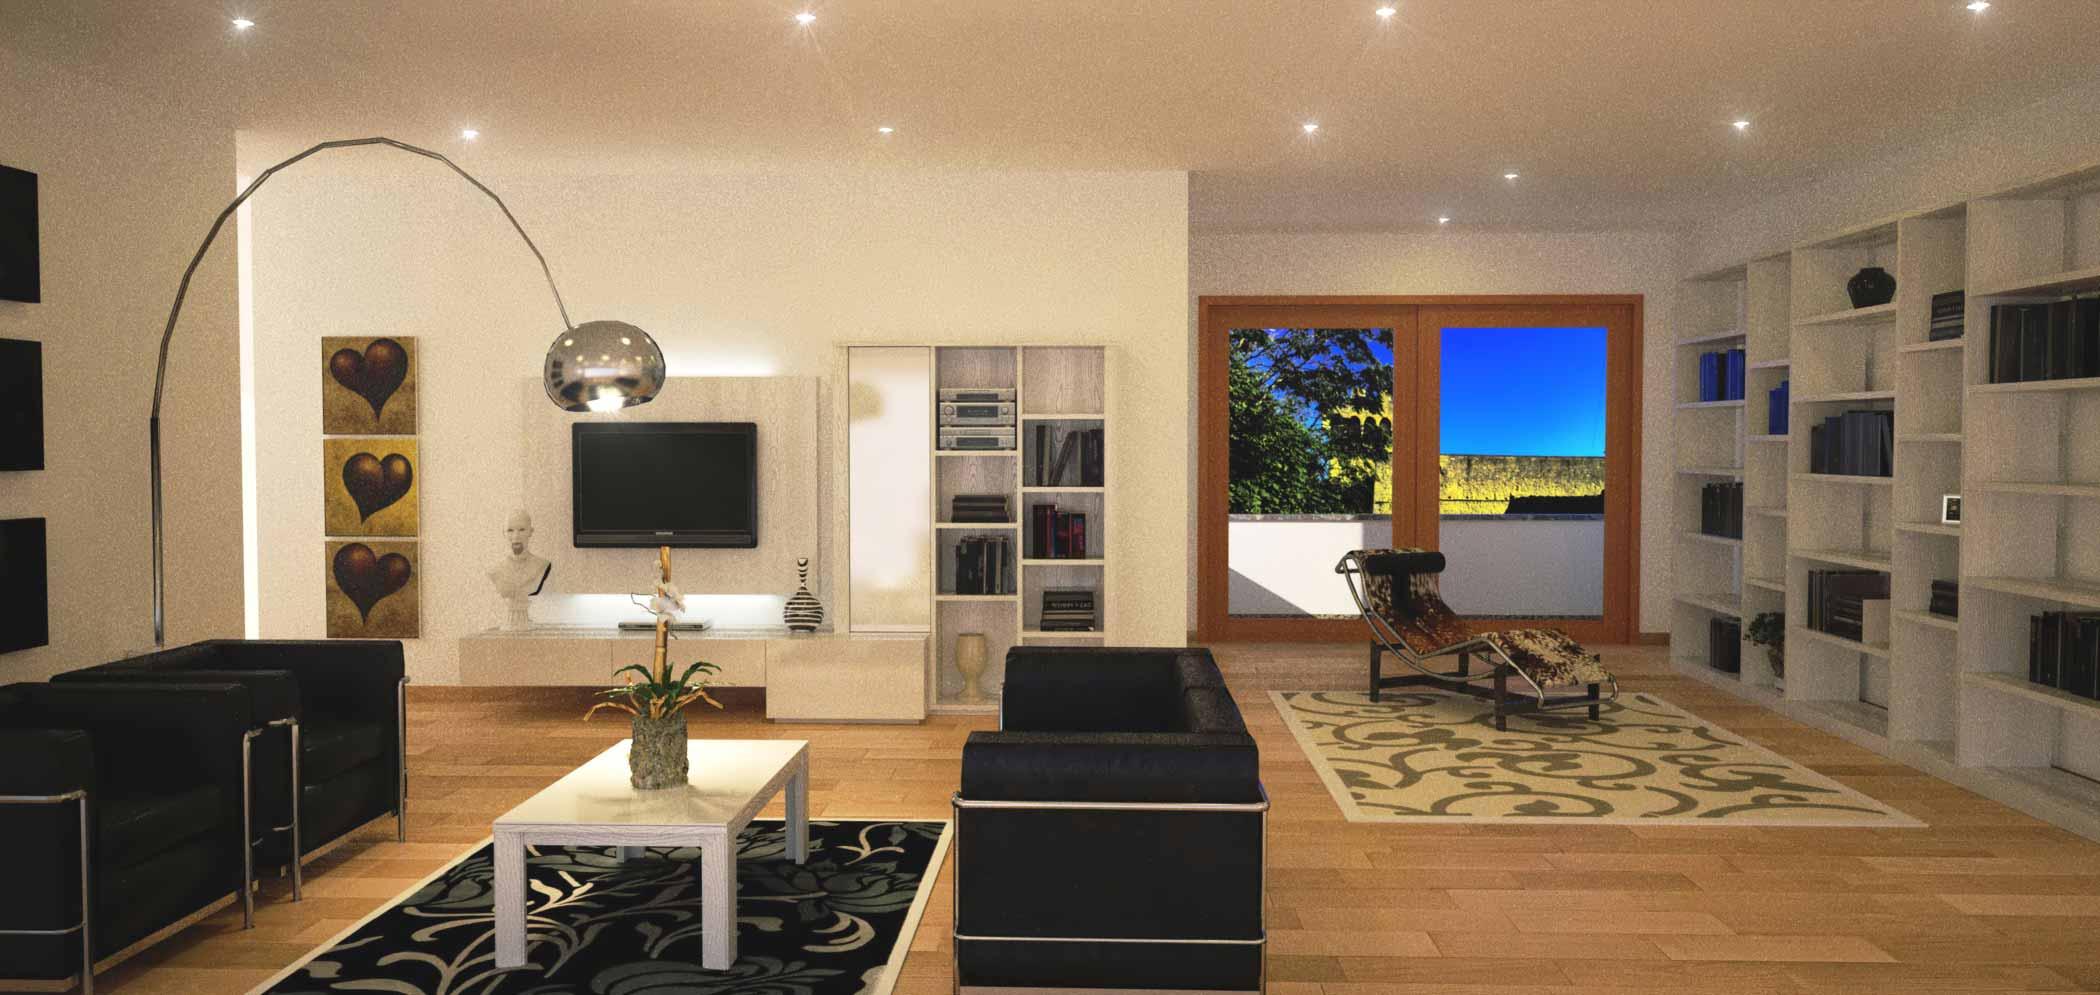 Massello bassanese arredamenti page 92 for Layout di mobili soggiorno suddiviso